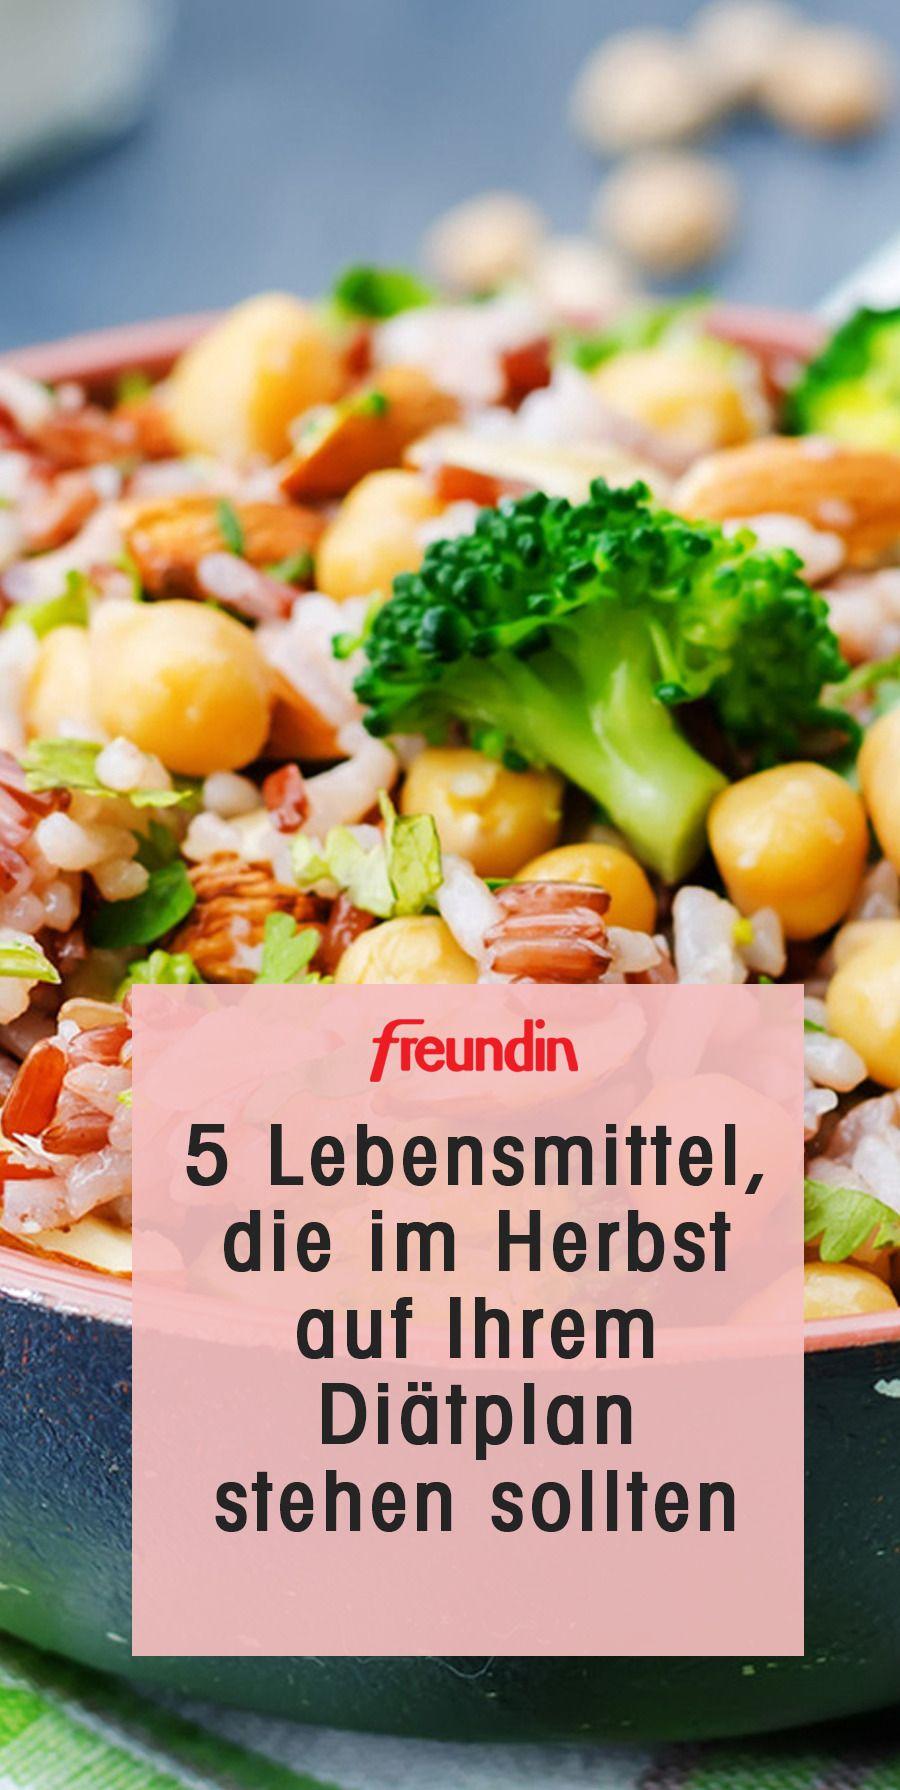 Photo of Abnehmen: 5 Lebensmittel, die im Herbst auf Ihrem Diätplan stehen sollten | freundin.de